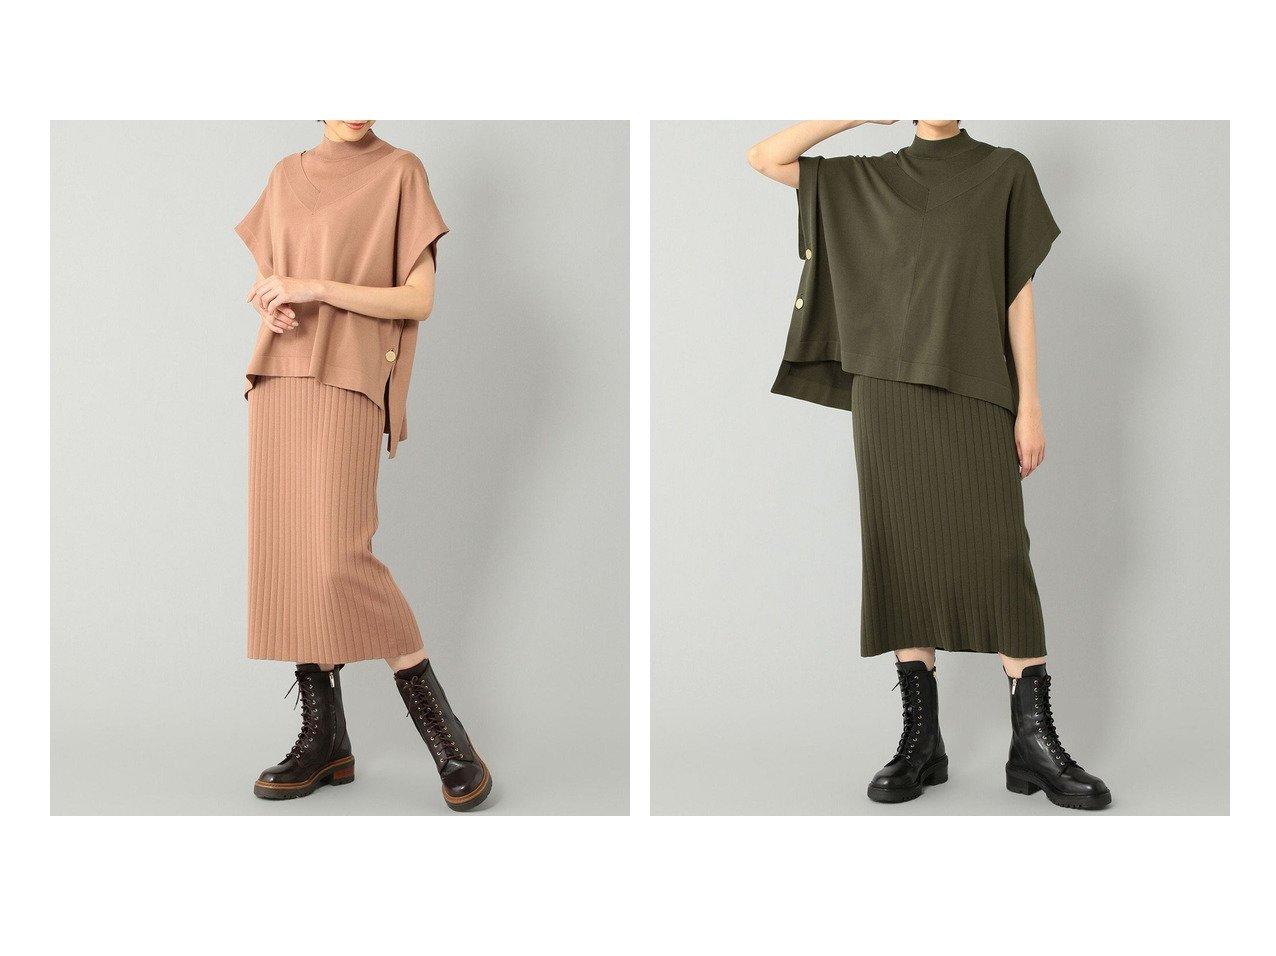 【GRACE CONTINENTAL/グレース コンチネンタル】のポンチョ付ニットワンピース おすすめ!人気、トレンド・レディースファッションの通販 おすすめで人気の流行・トレンド、ファッションの通販商品 インテリア・家具・メンズファッション・キッズファッション・レディースファッション・服の通販 founy(ファニー) https://founy.com/ ファッション Fashion レディースファッション WOMEN アウター Coat Outerwear ポンチョ Ponchos ワンピース Dress ニットワンピース Knit Dresses 送料無料 Free Shipping ストレート ノースリーブ ベスト ポンチョ メタル ルーズ  ID:crp329100000071054